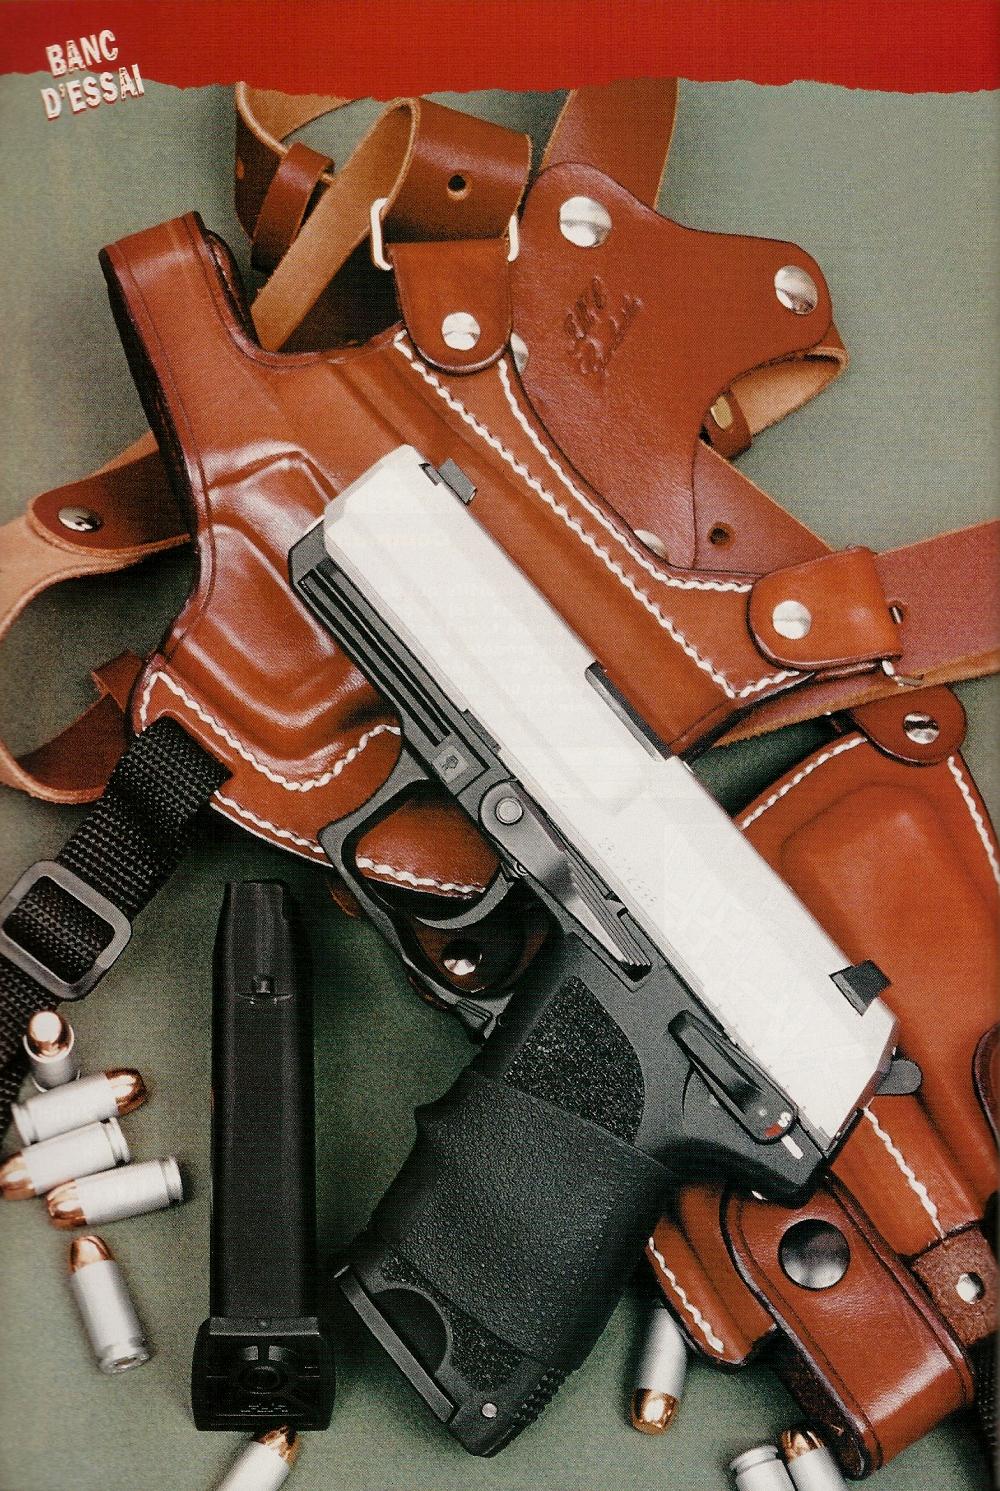 Le pistolet Heckler & Koch USP Compact, dans sa version bicolore chambrée en calibre .40 S & W, accompagné d'un ensemble d'épaule en cuir comprenant holster et porte-chargeurs réalisé par le français Jean-Marie Chardin.